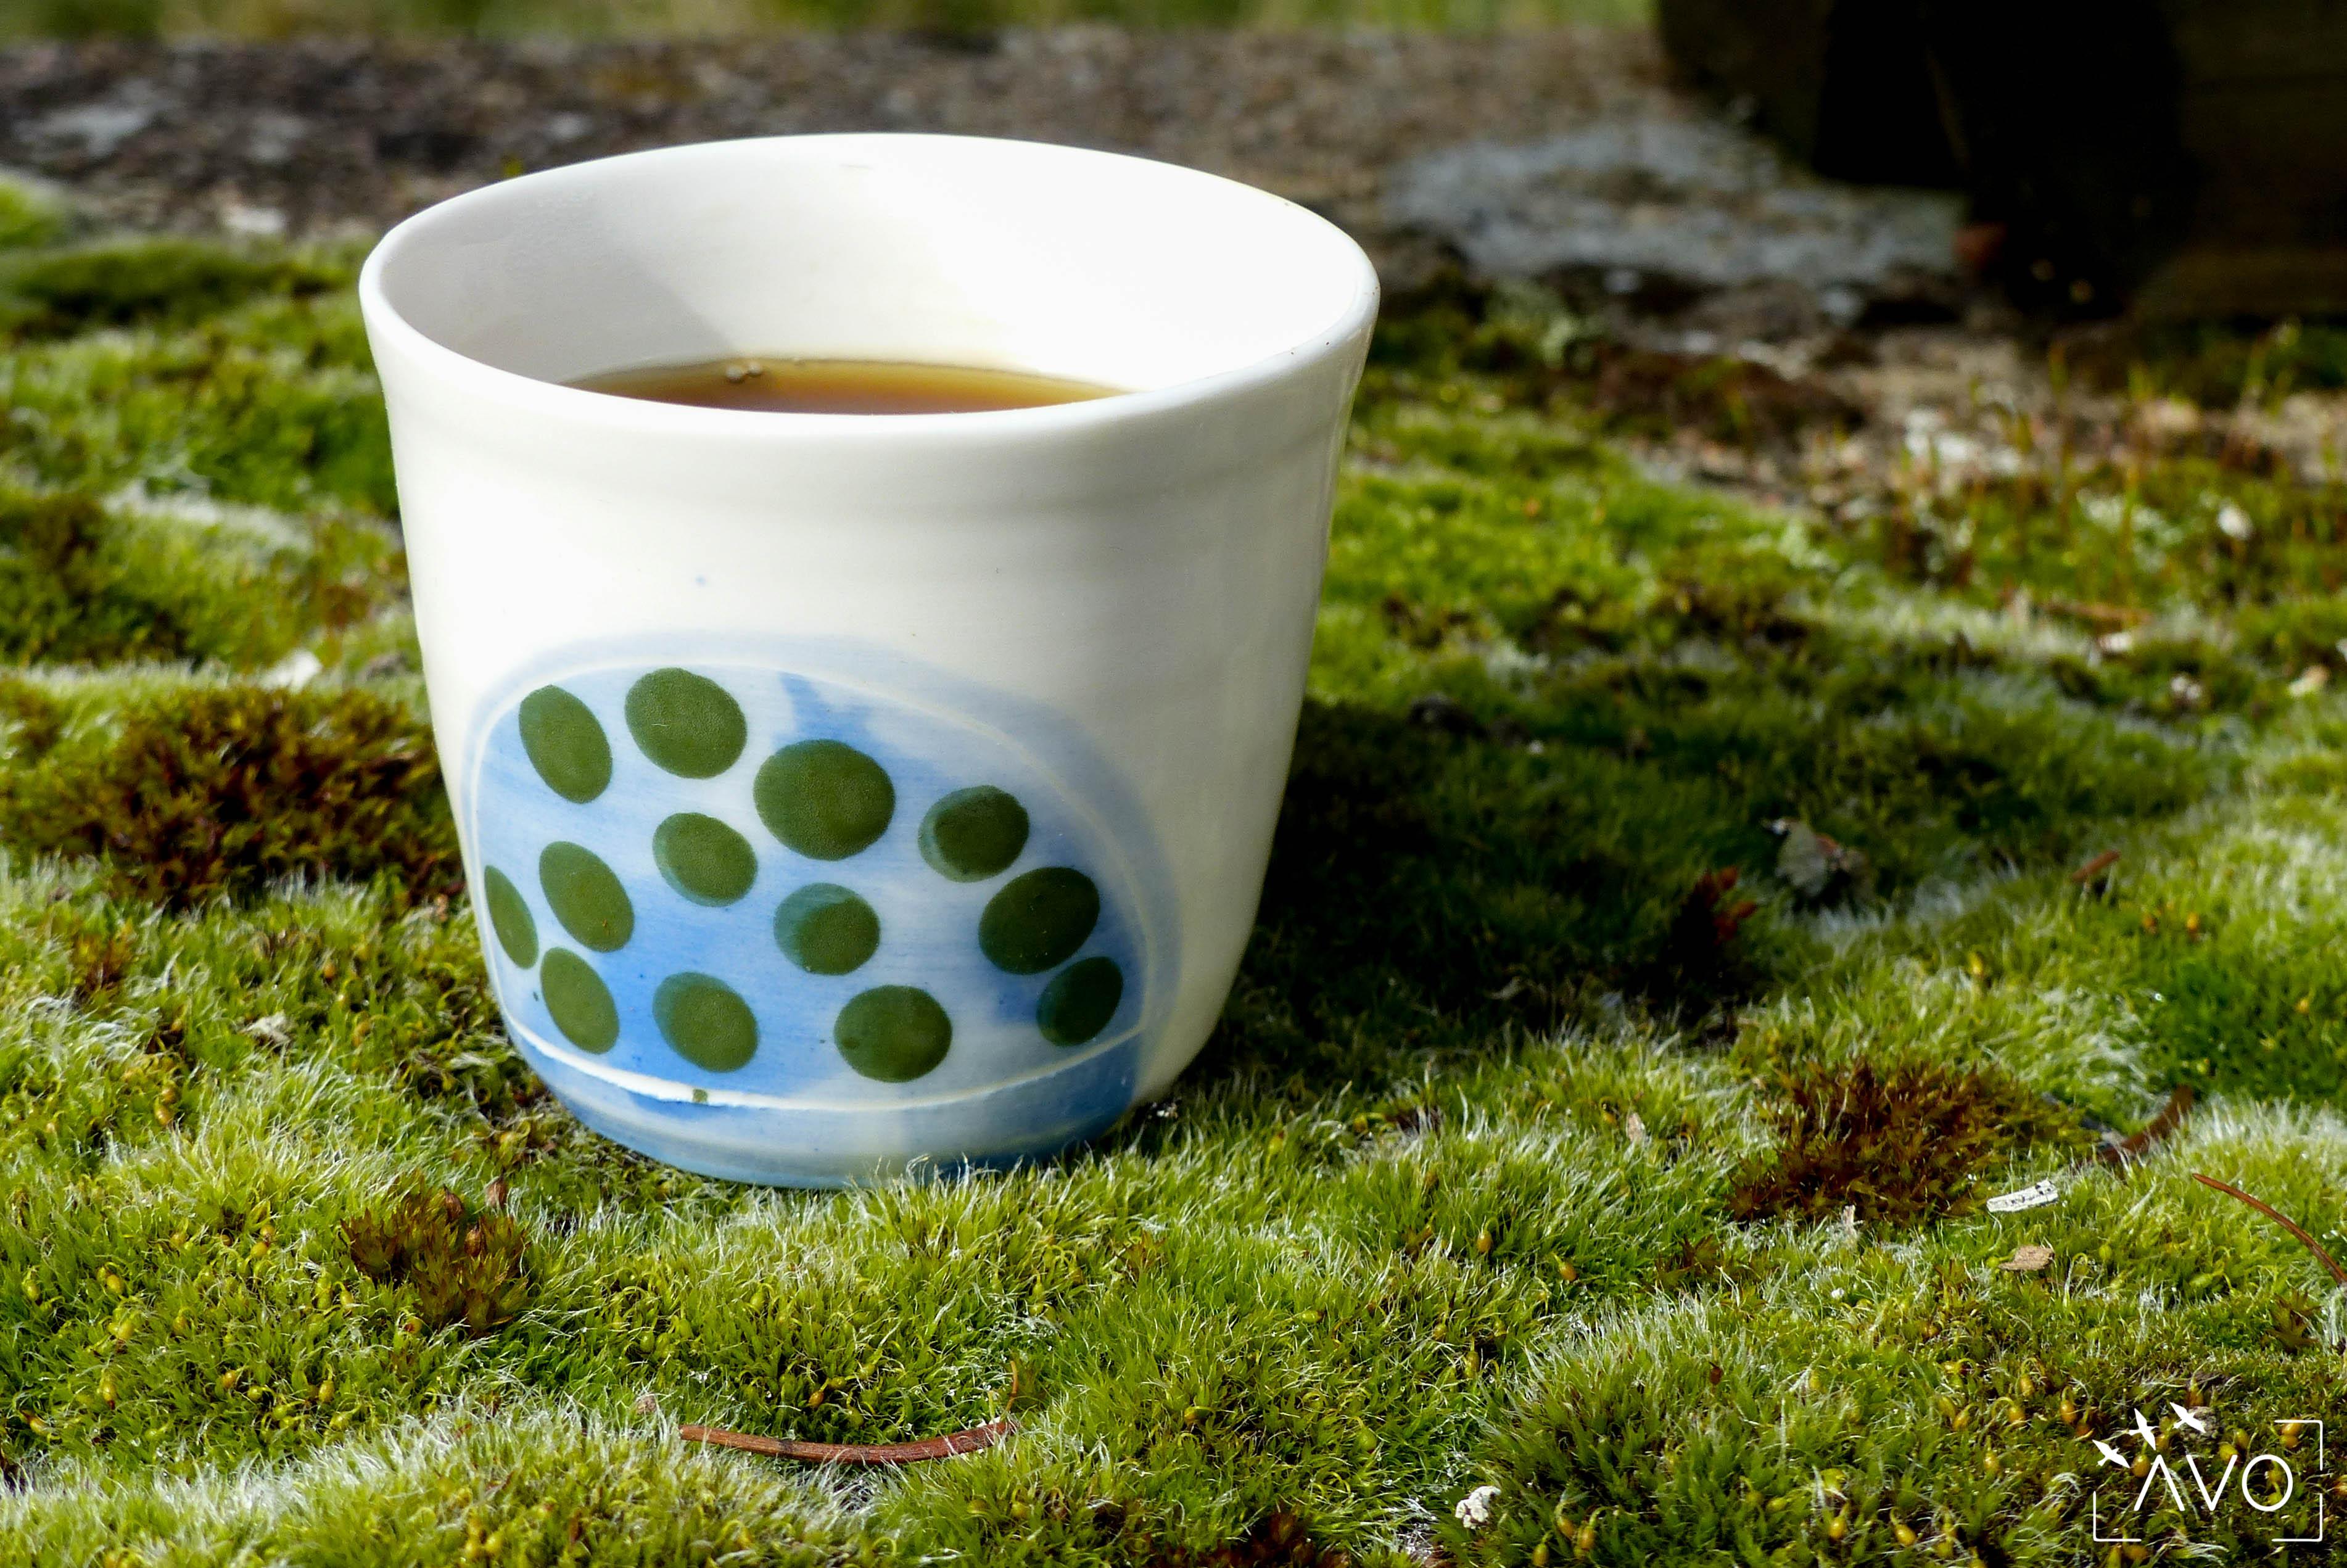 céramique tasse pois porcelaine caluire lyon abcéramique atelier blanc couleur rond nature